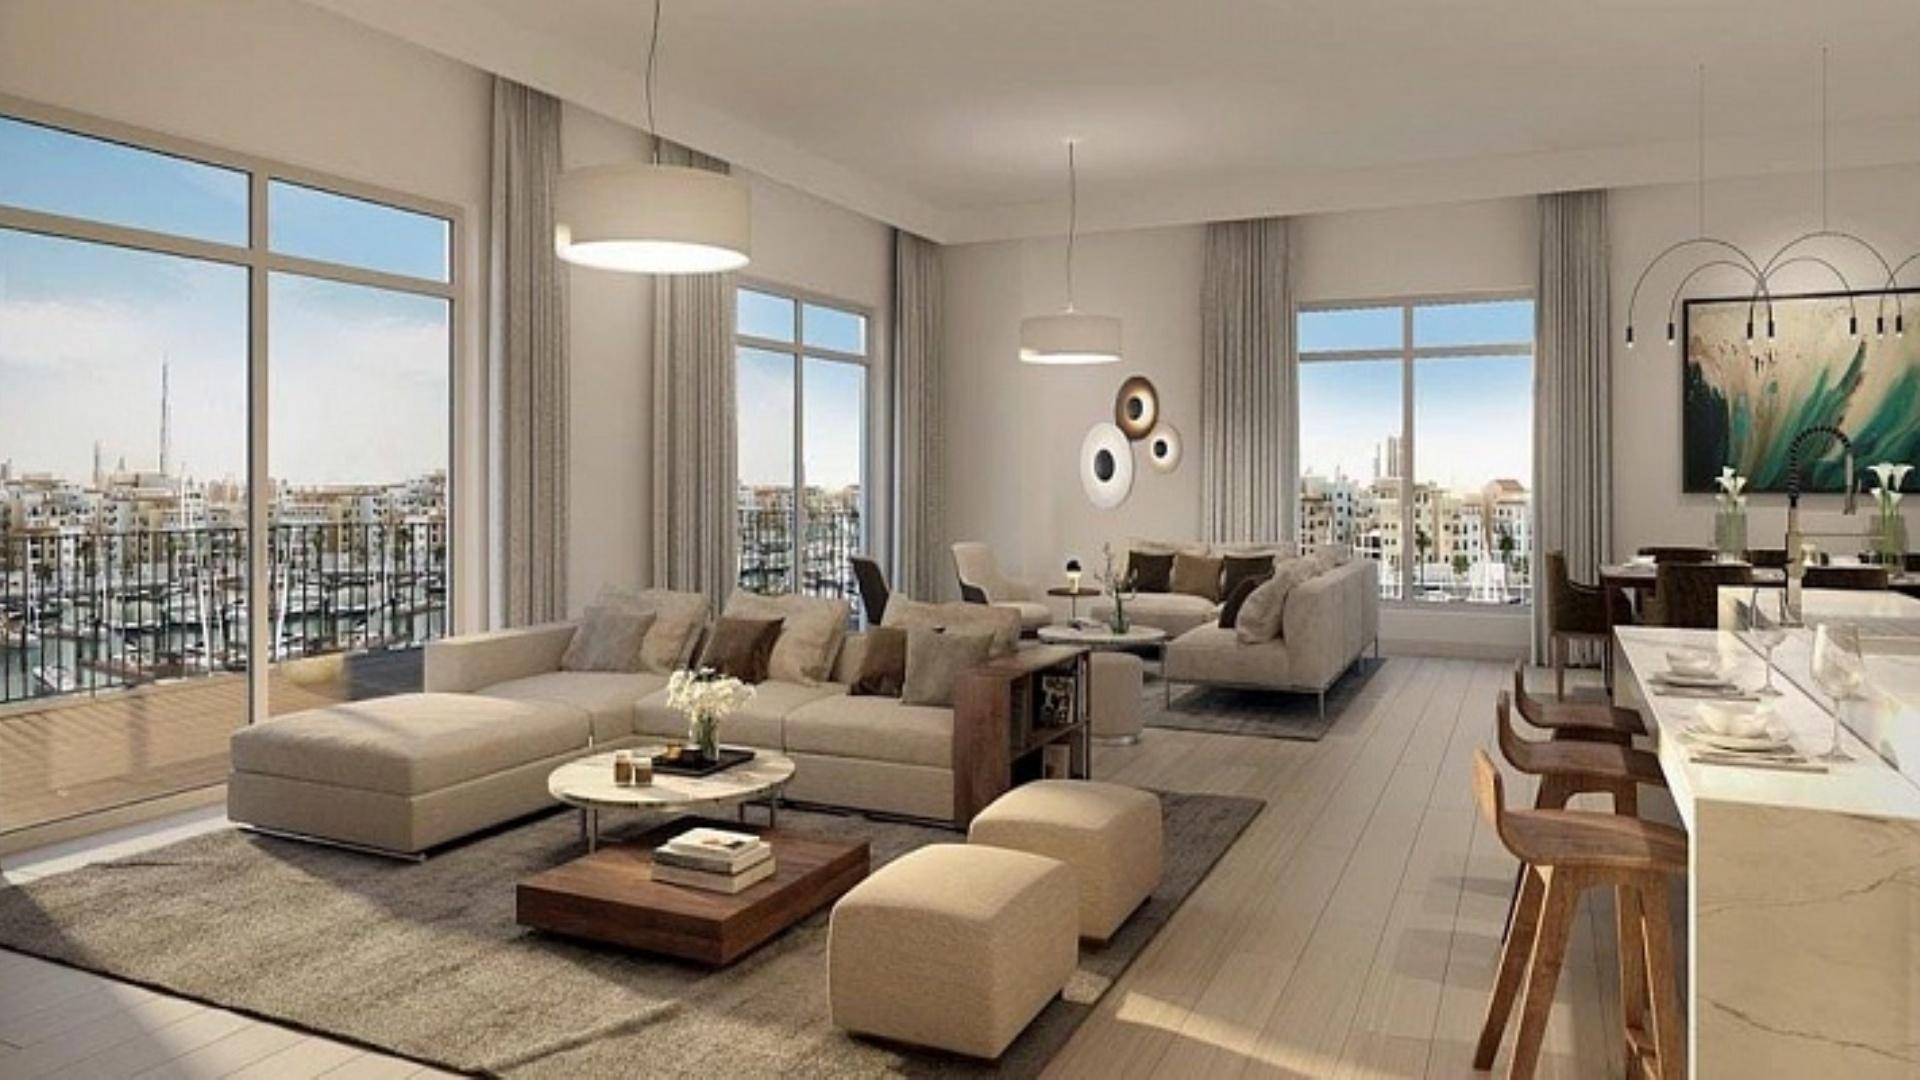 Apartamento en venta en Dubai, EAU, 3 dormitorios, 212 m2, № 24284 – foto 4